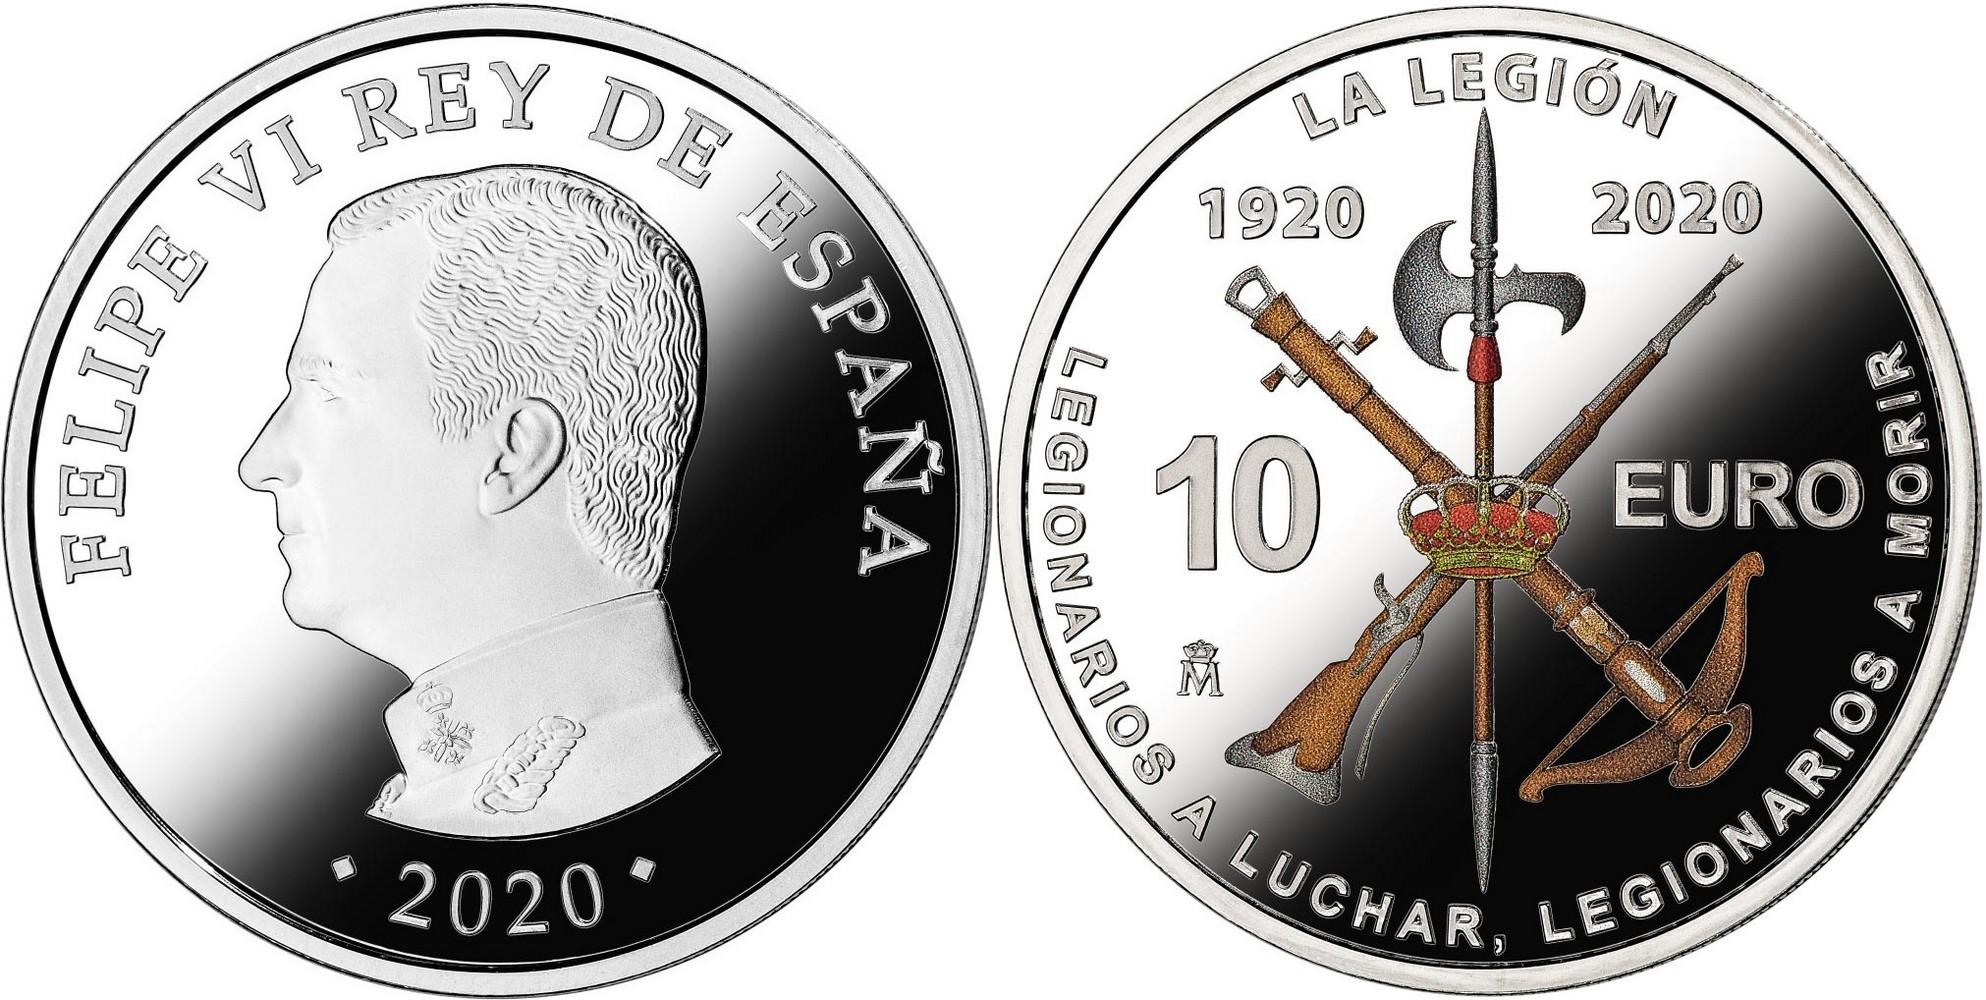 espagne-2020-100-ans-de-la-legion-espagnole